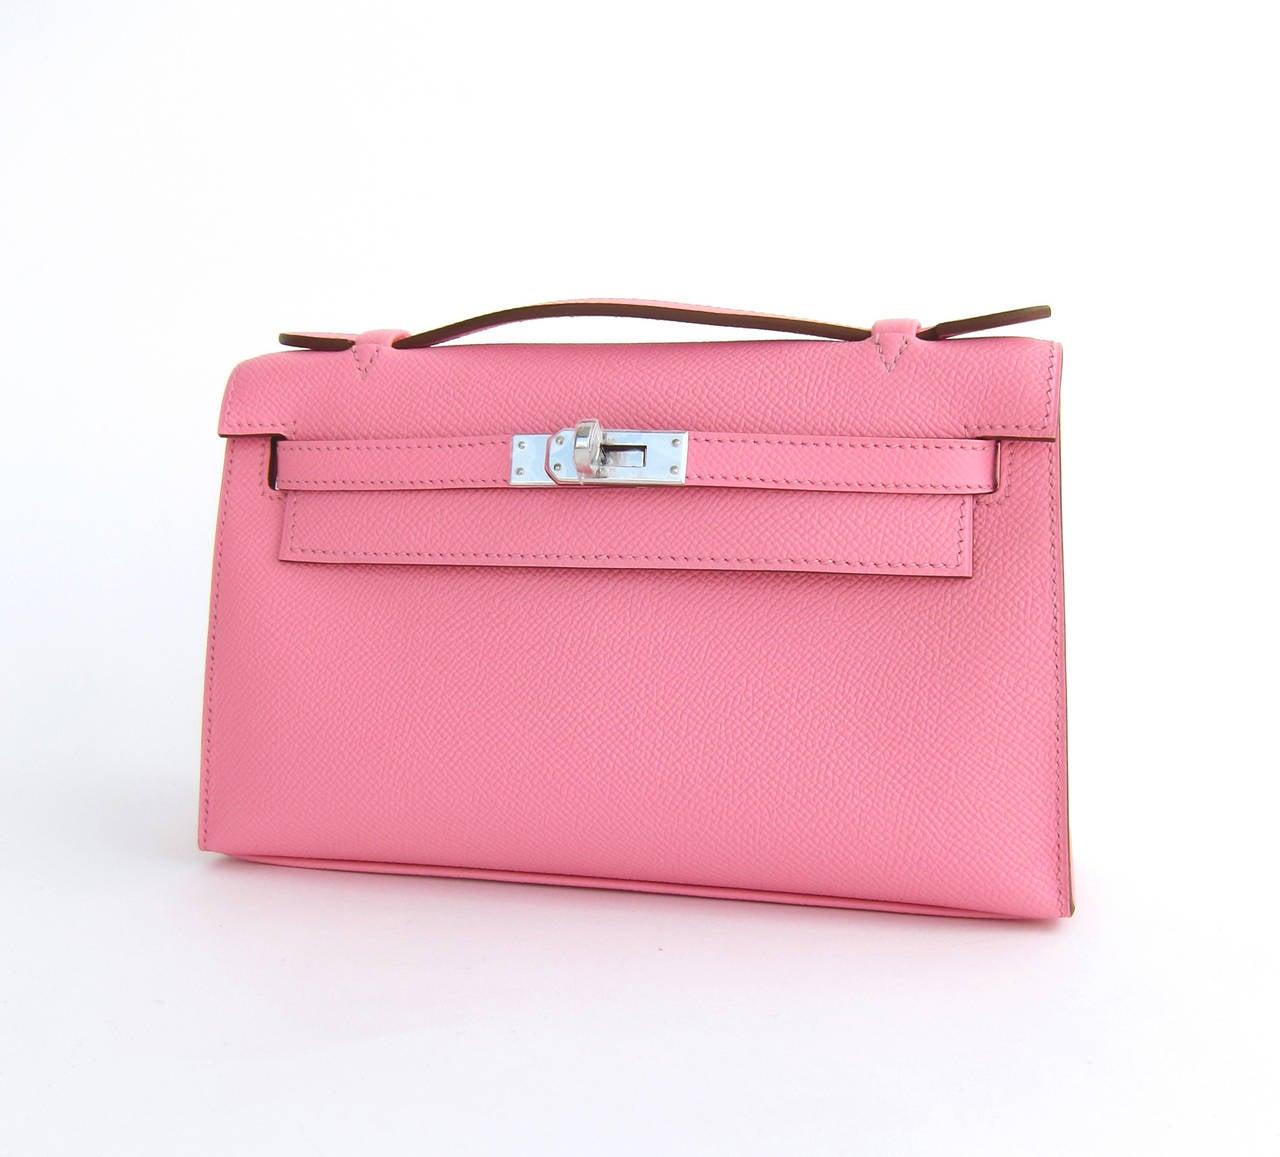 Women's Hermes Rose Confetti Epsom Kelly Pochette Pink Clutch Bag Love For Sale